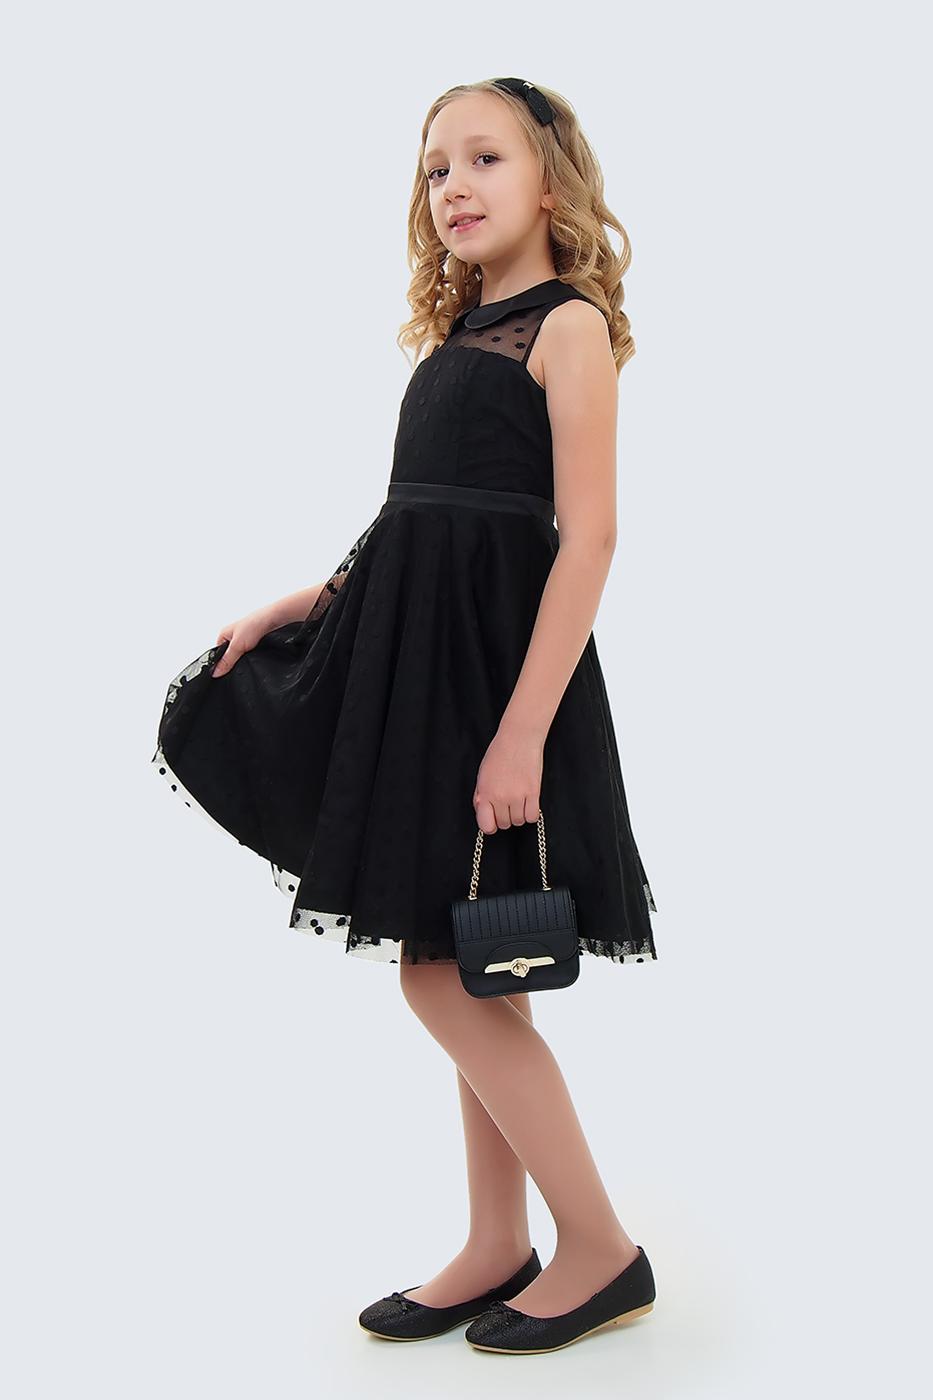 Купить Платье для девочек, МОСМЕХА, черный, 5100406